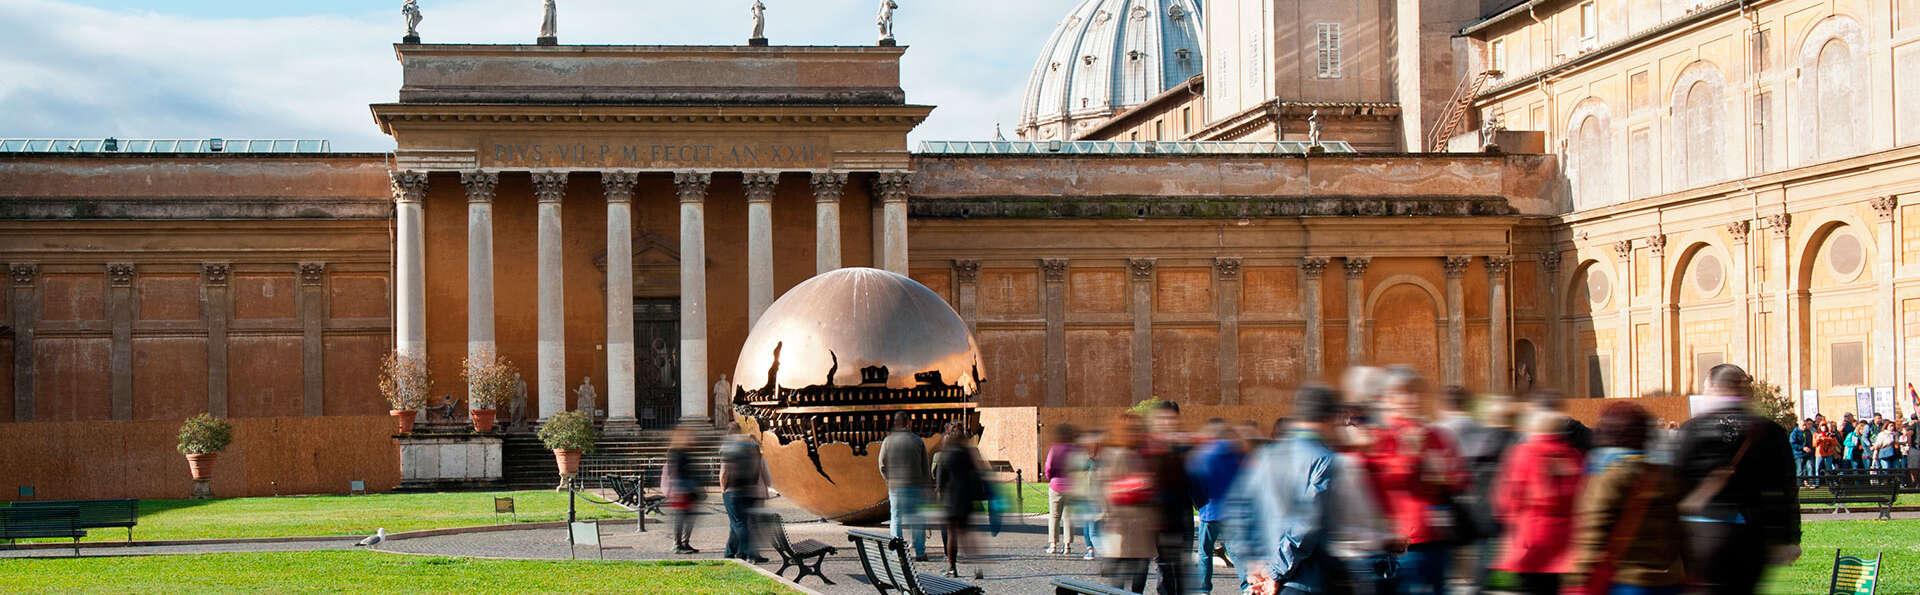 Découvrez Rome aux portes du centre ville et visitez les musées du Vatican et la Chapelle Sixtine